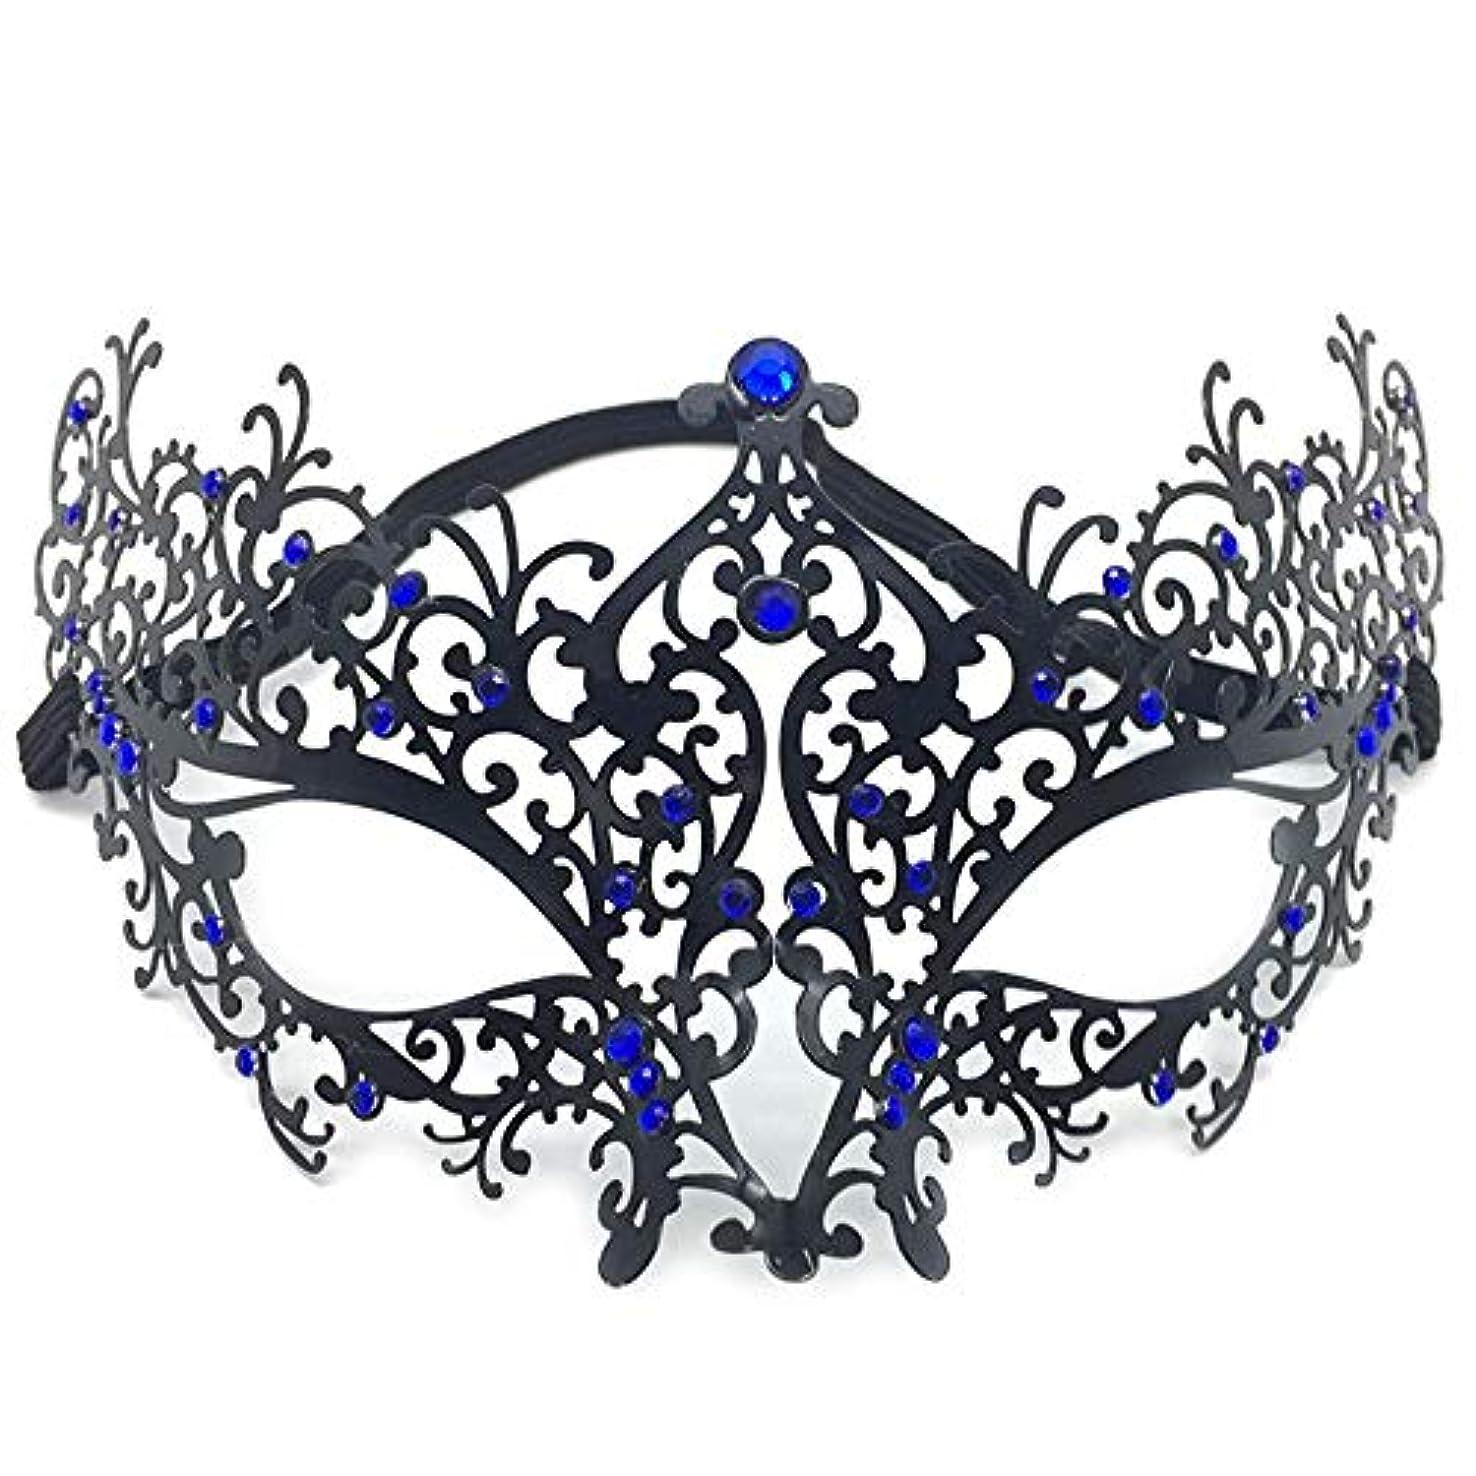 蘇生するベーカリー絶滅させるハロウィーンマスク仮装アイアンマスクパーティードレスアップメタルダイヤモンドハーフフェイスマスク (Color : WHITE)